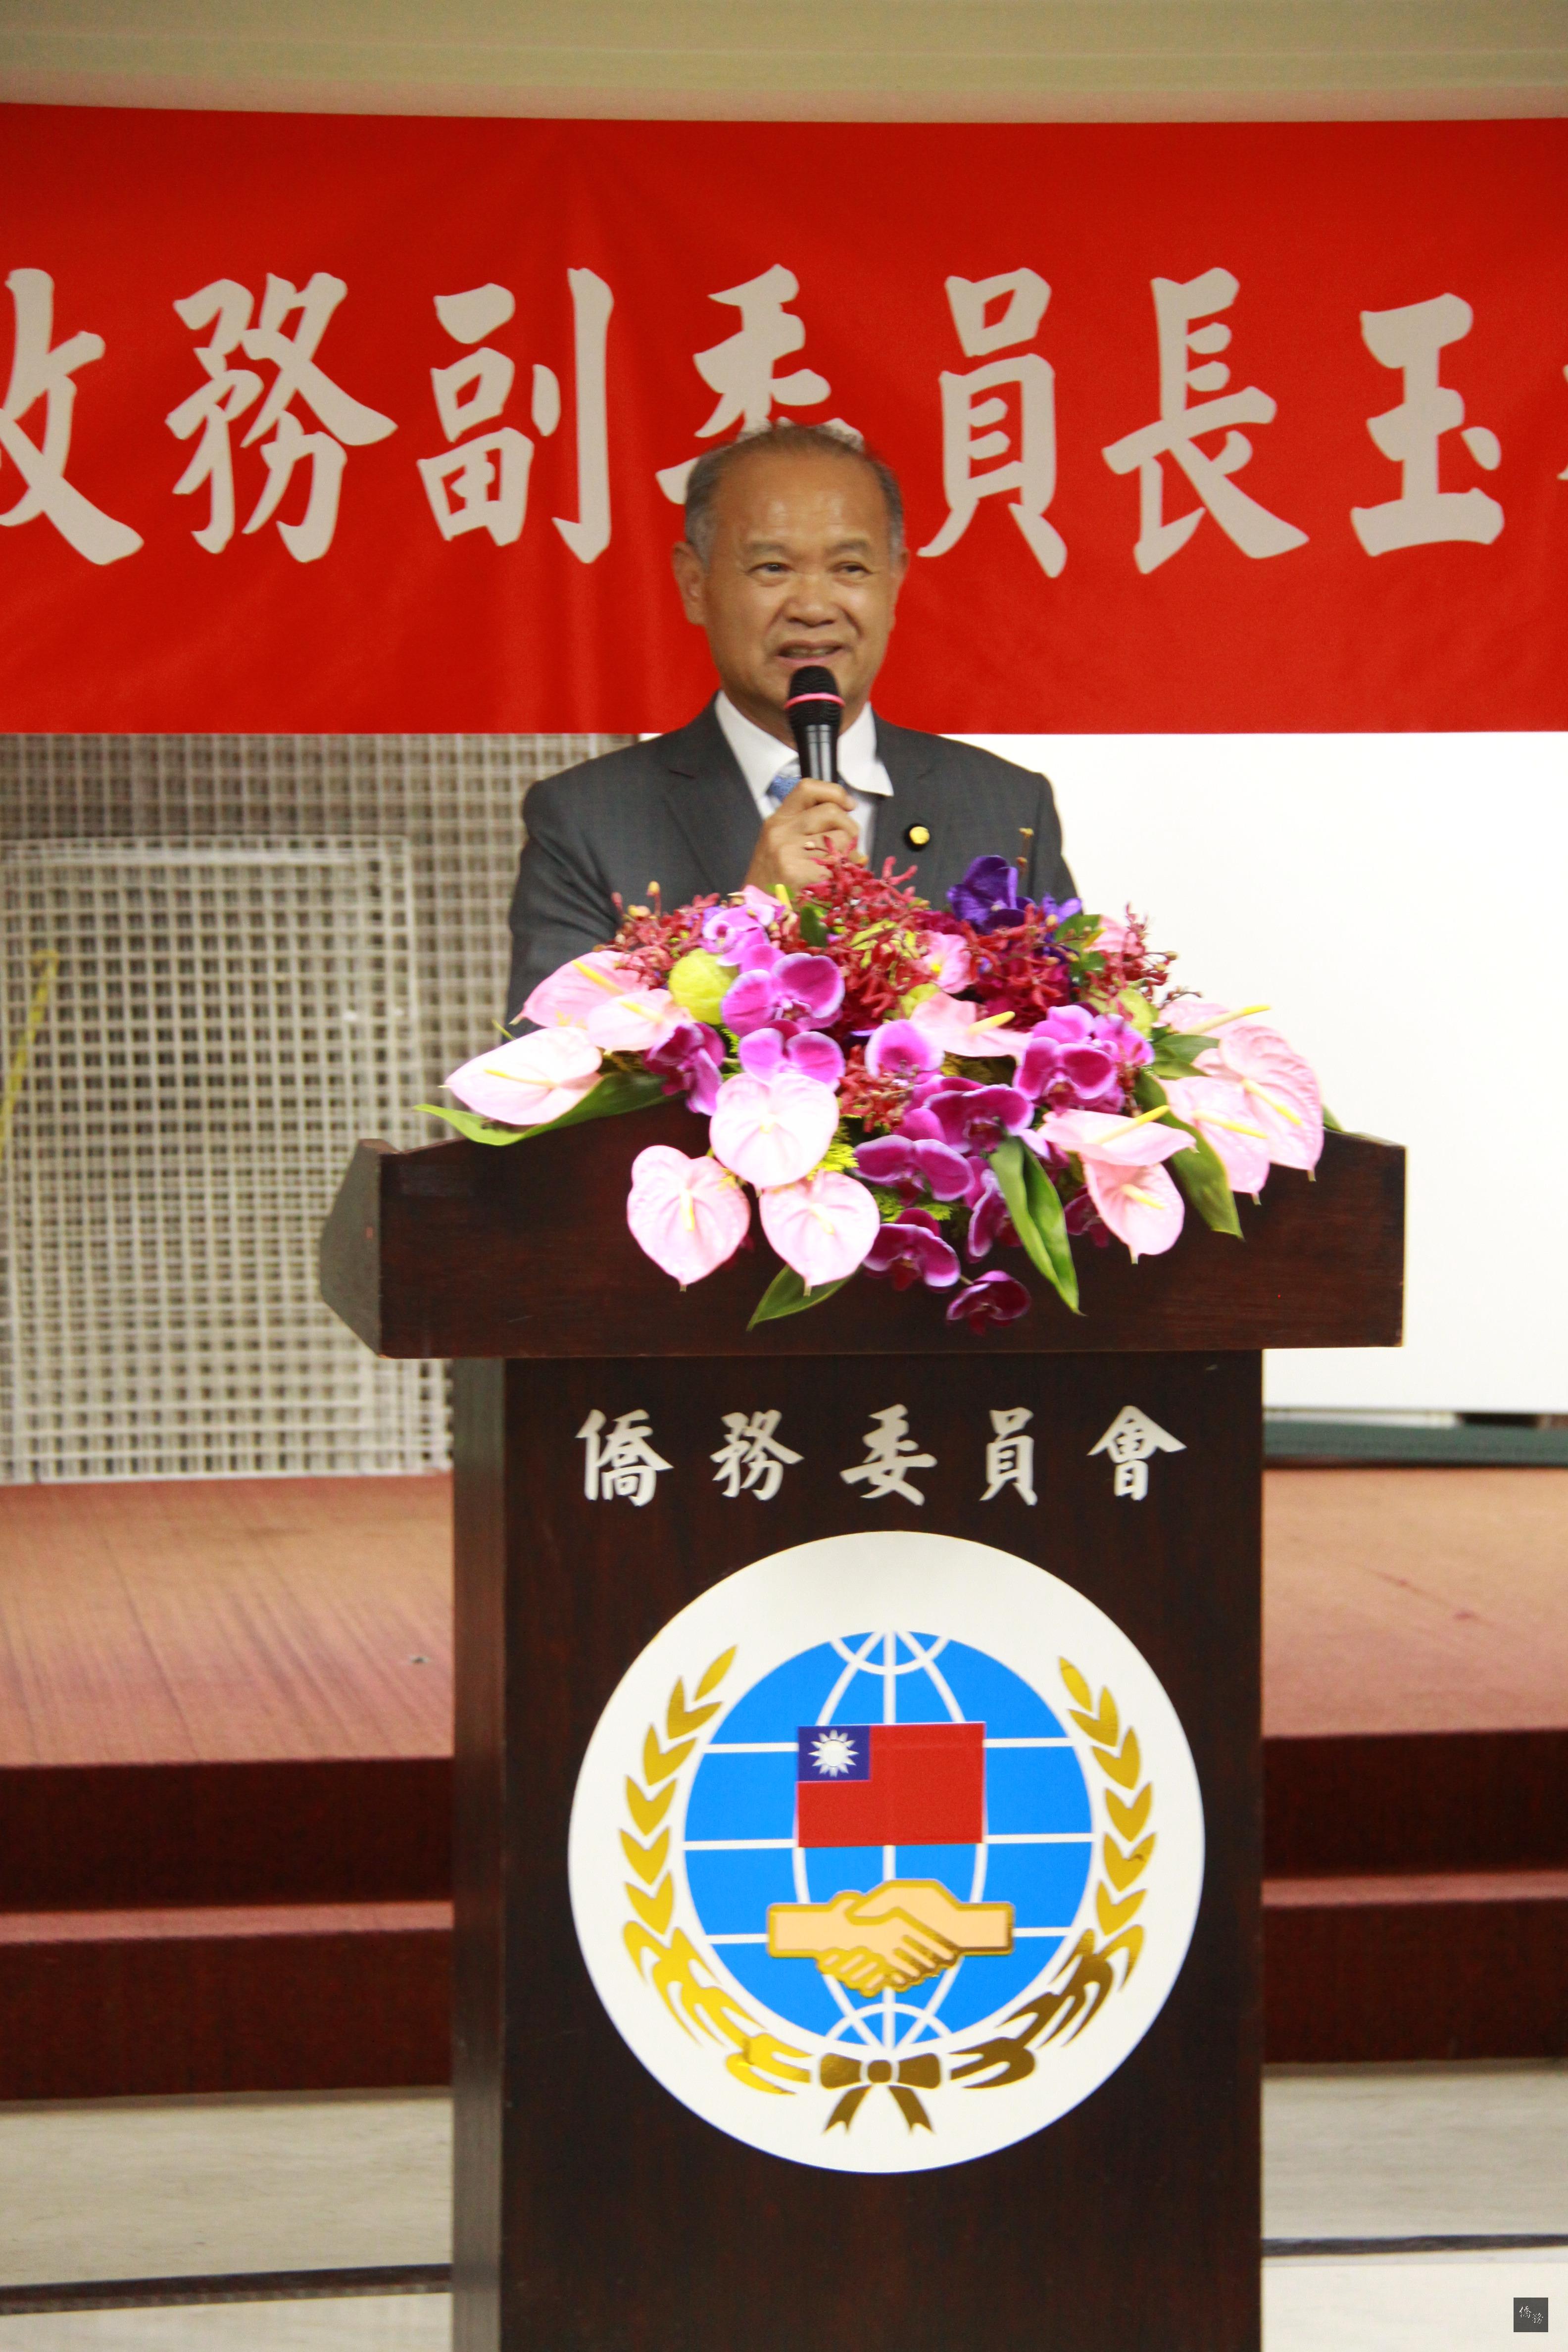 國策顧問黃正勝致詞祝福僑委會副委員長陳玉梅。